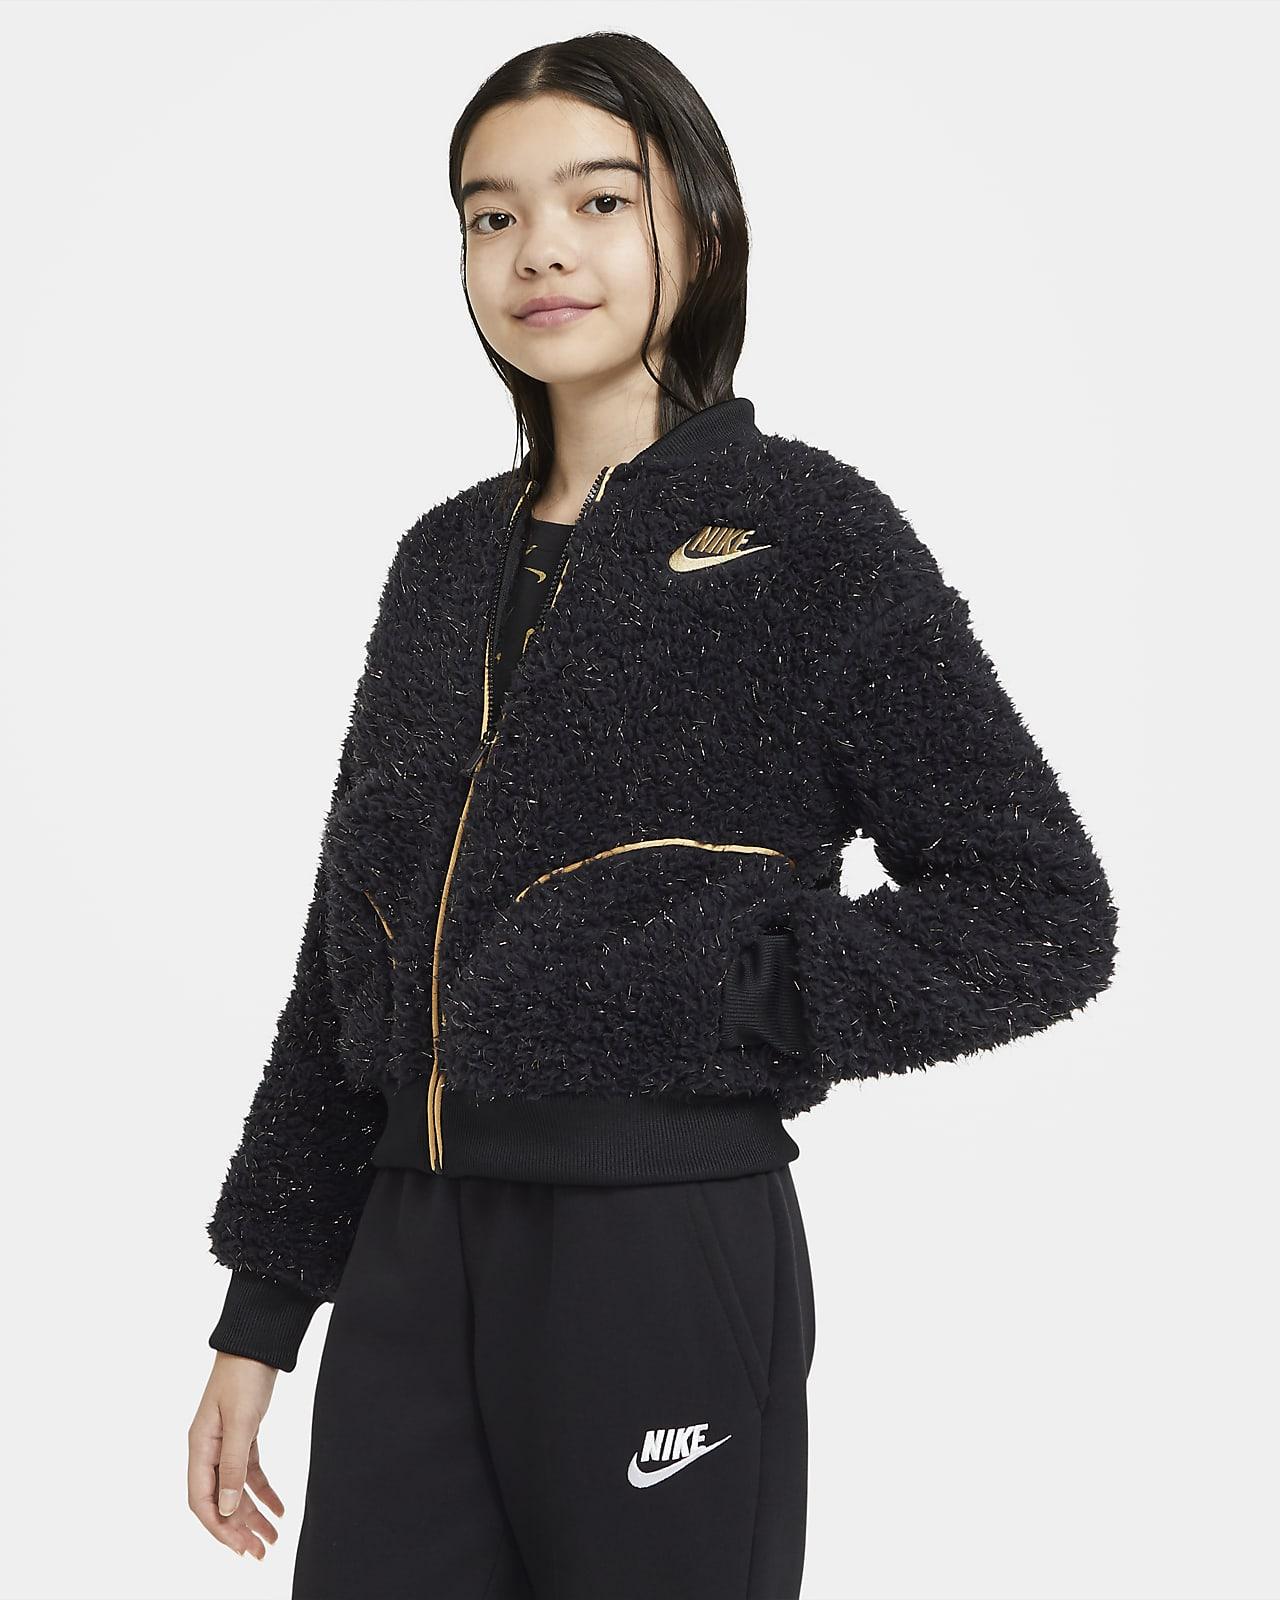 Nike Sportswear Sherpa-Jacke mit durchgehendem Reißverschluss für ältere Kinder (Mädchen)